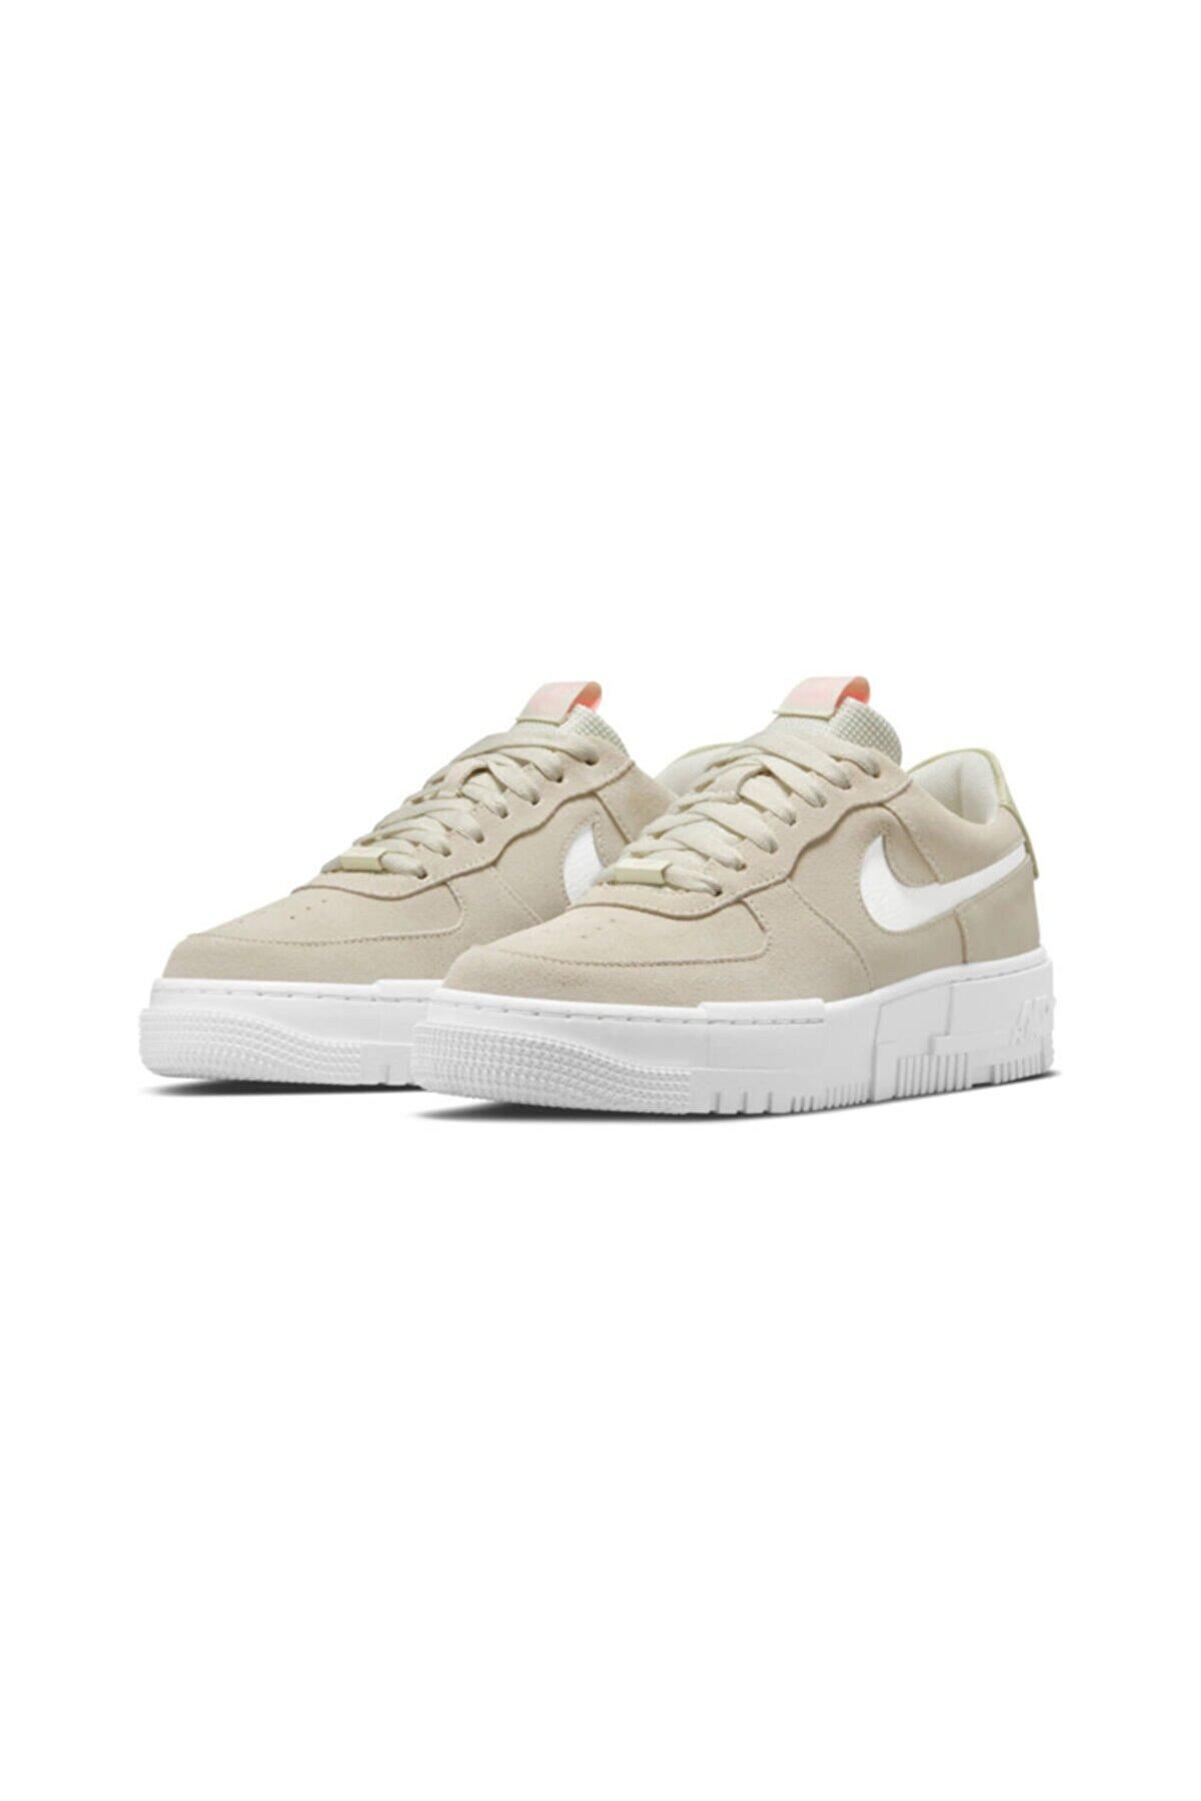 Nike Af-1 Pixel Sneaker Ayakkabı